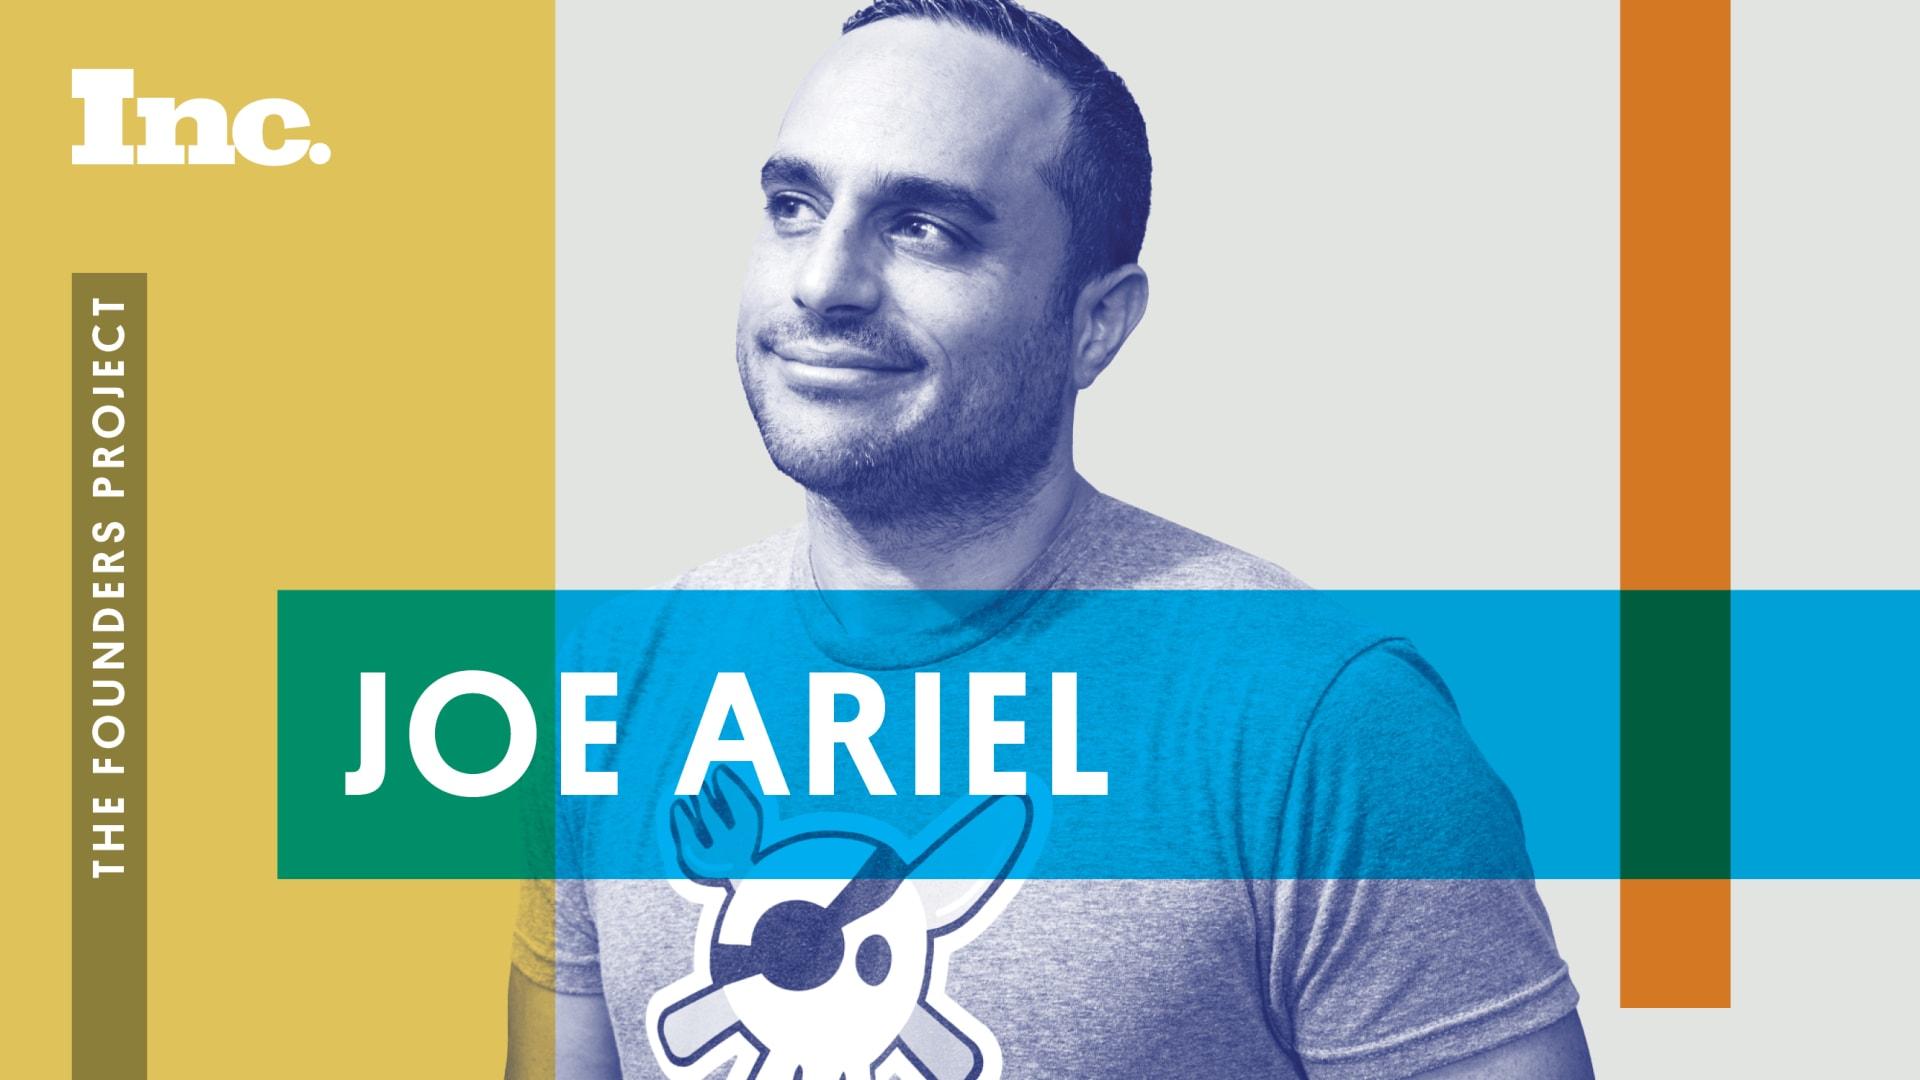 Joe Ariel